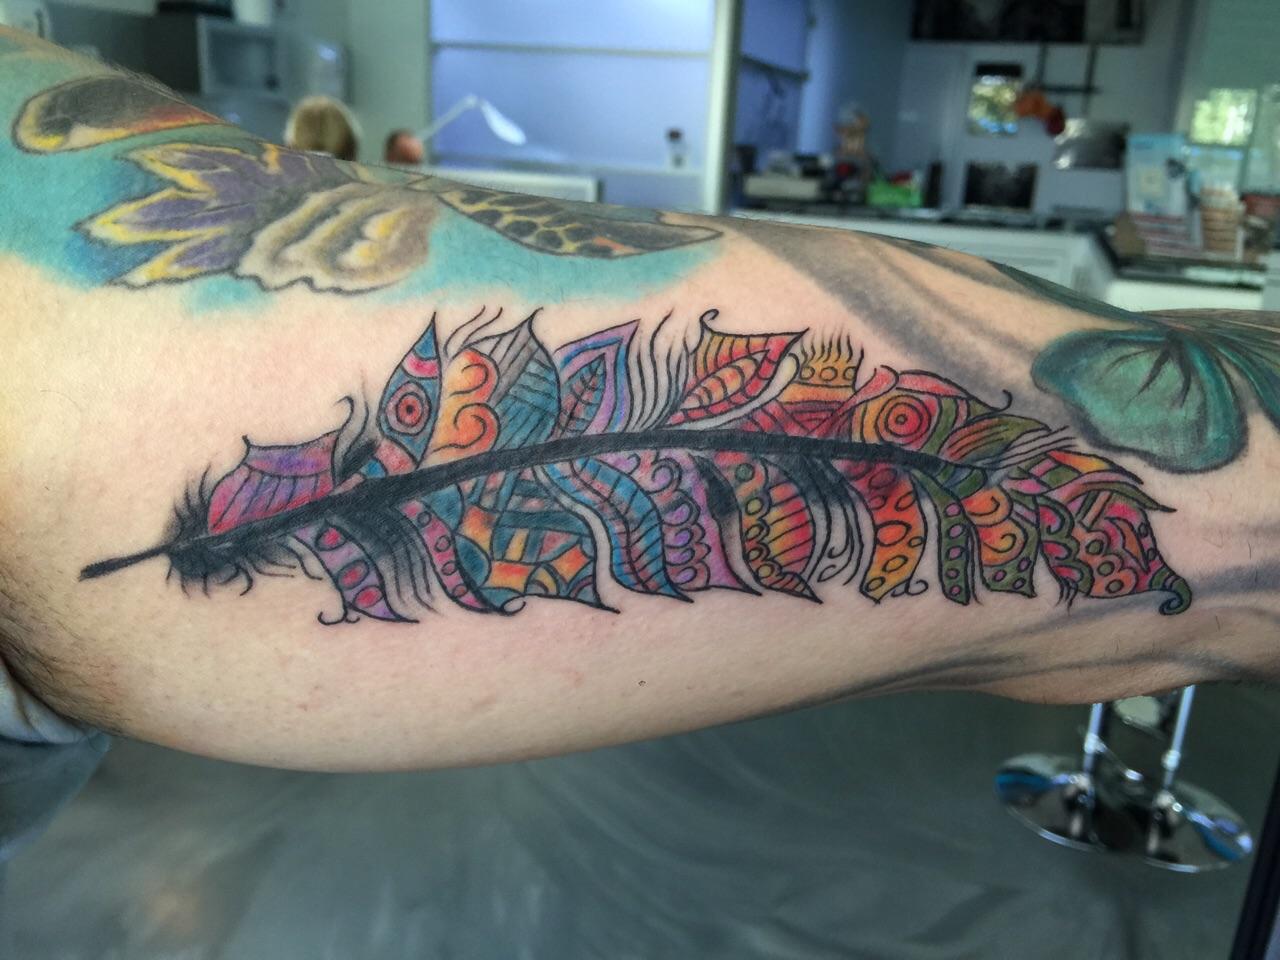 tatoeage veer